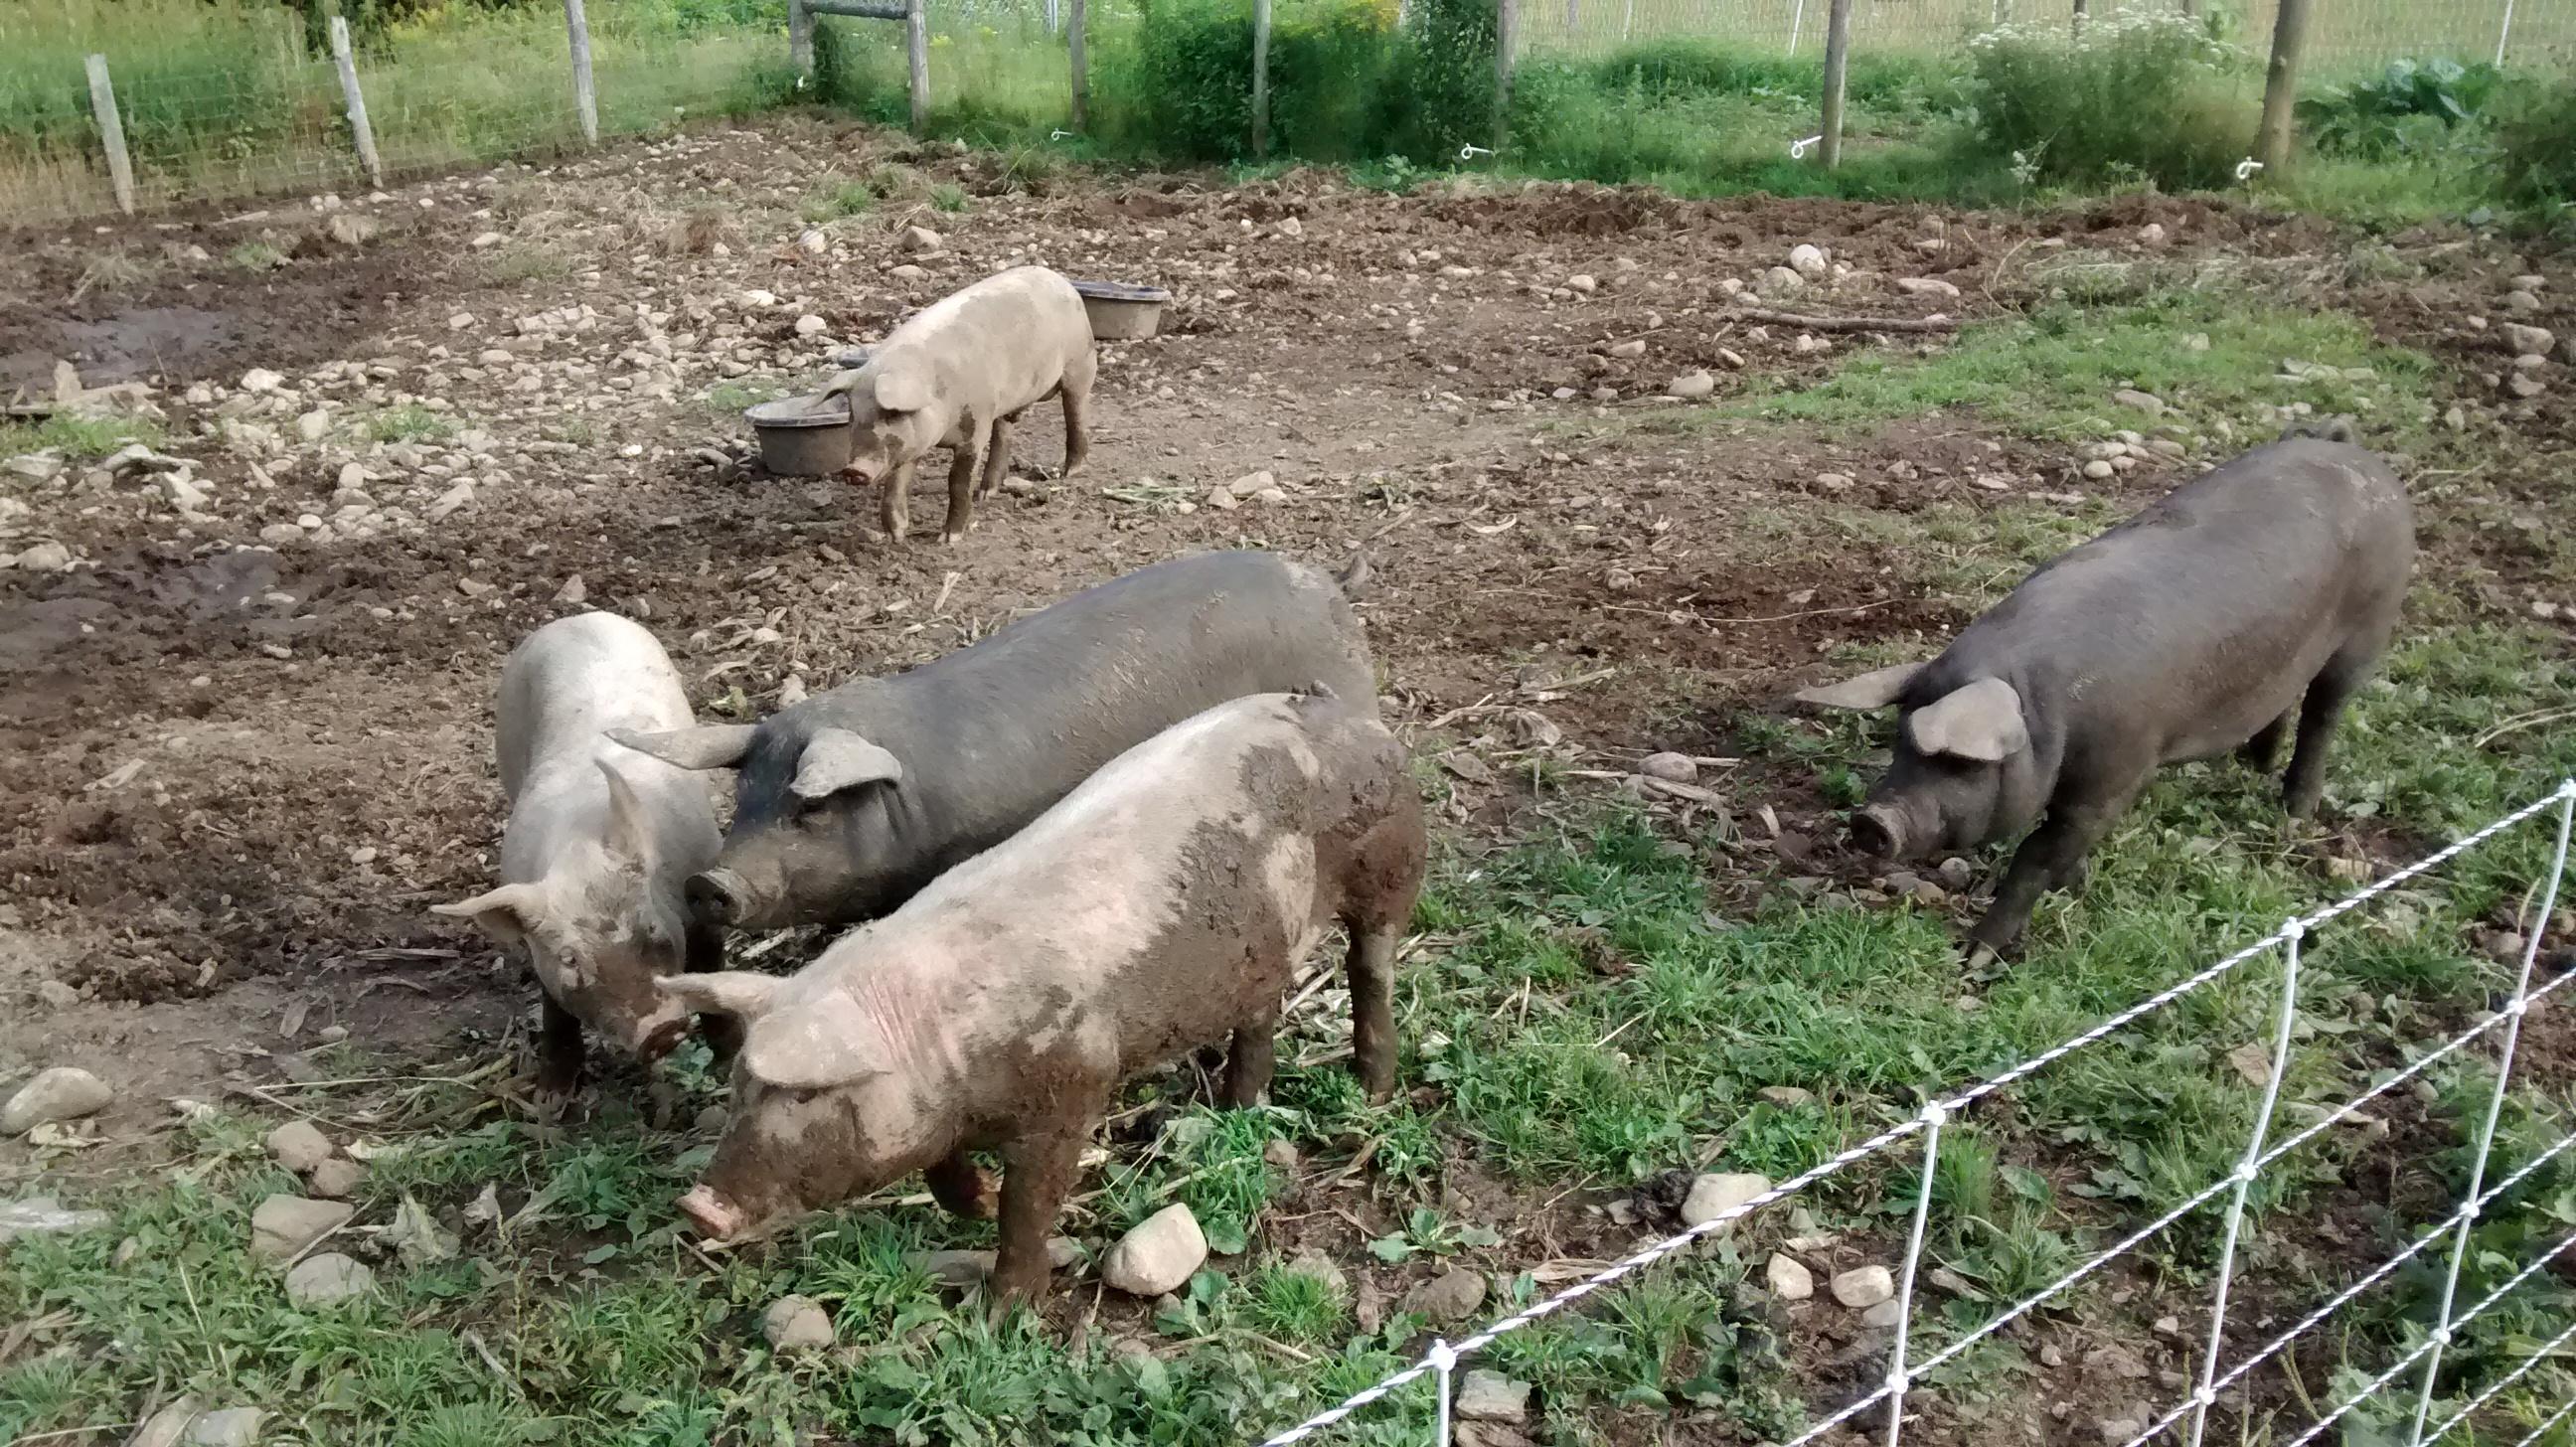 Pastured pigs